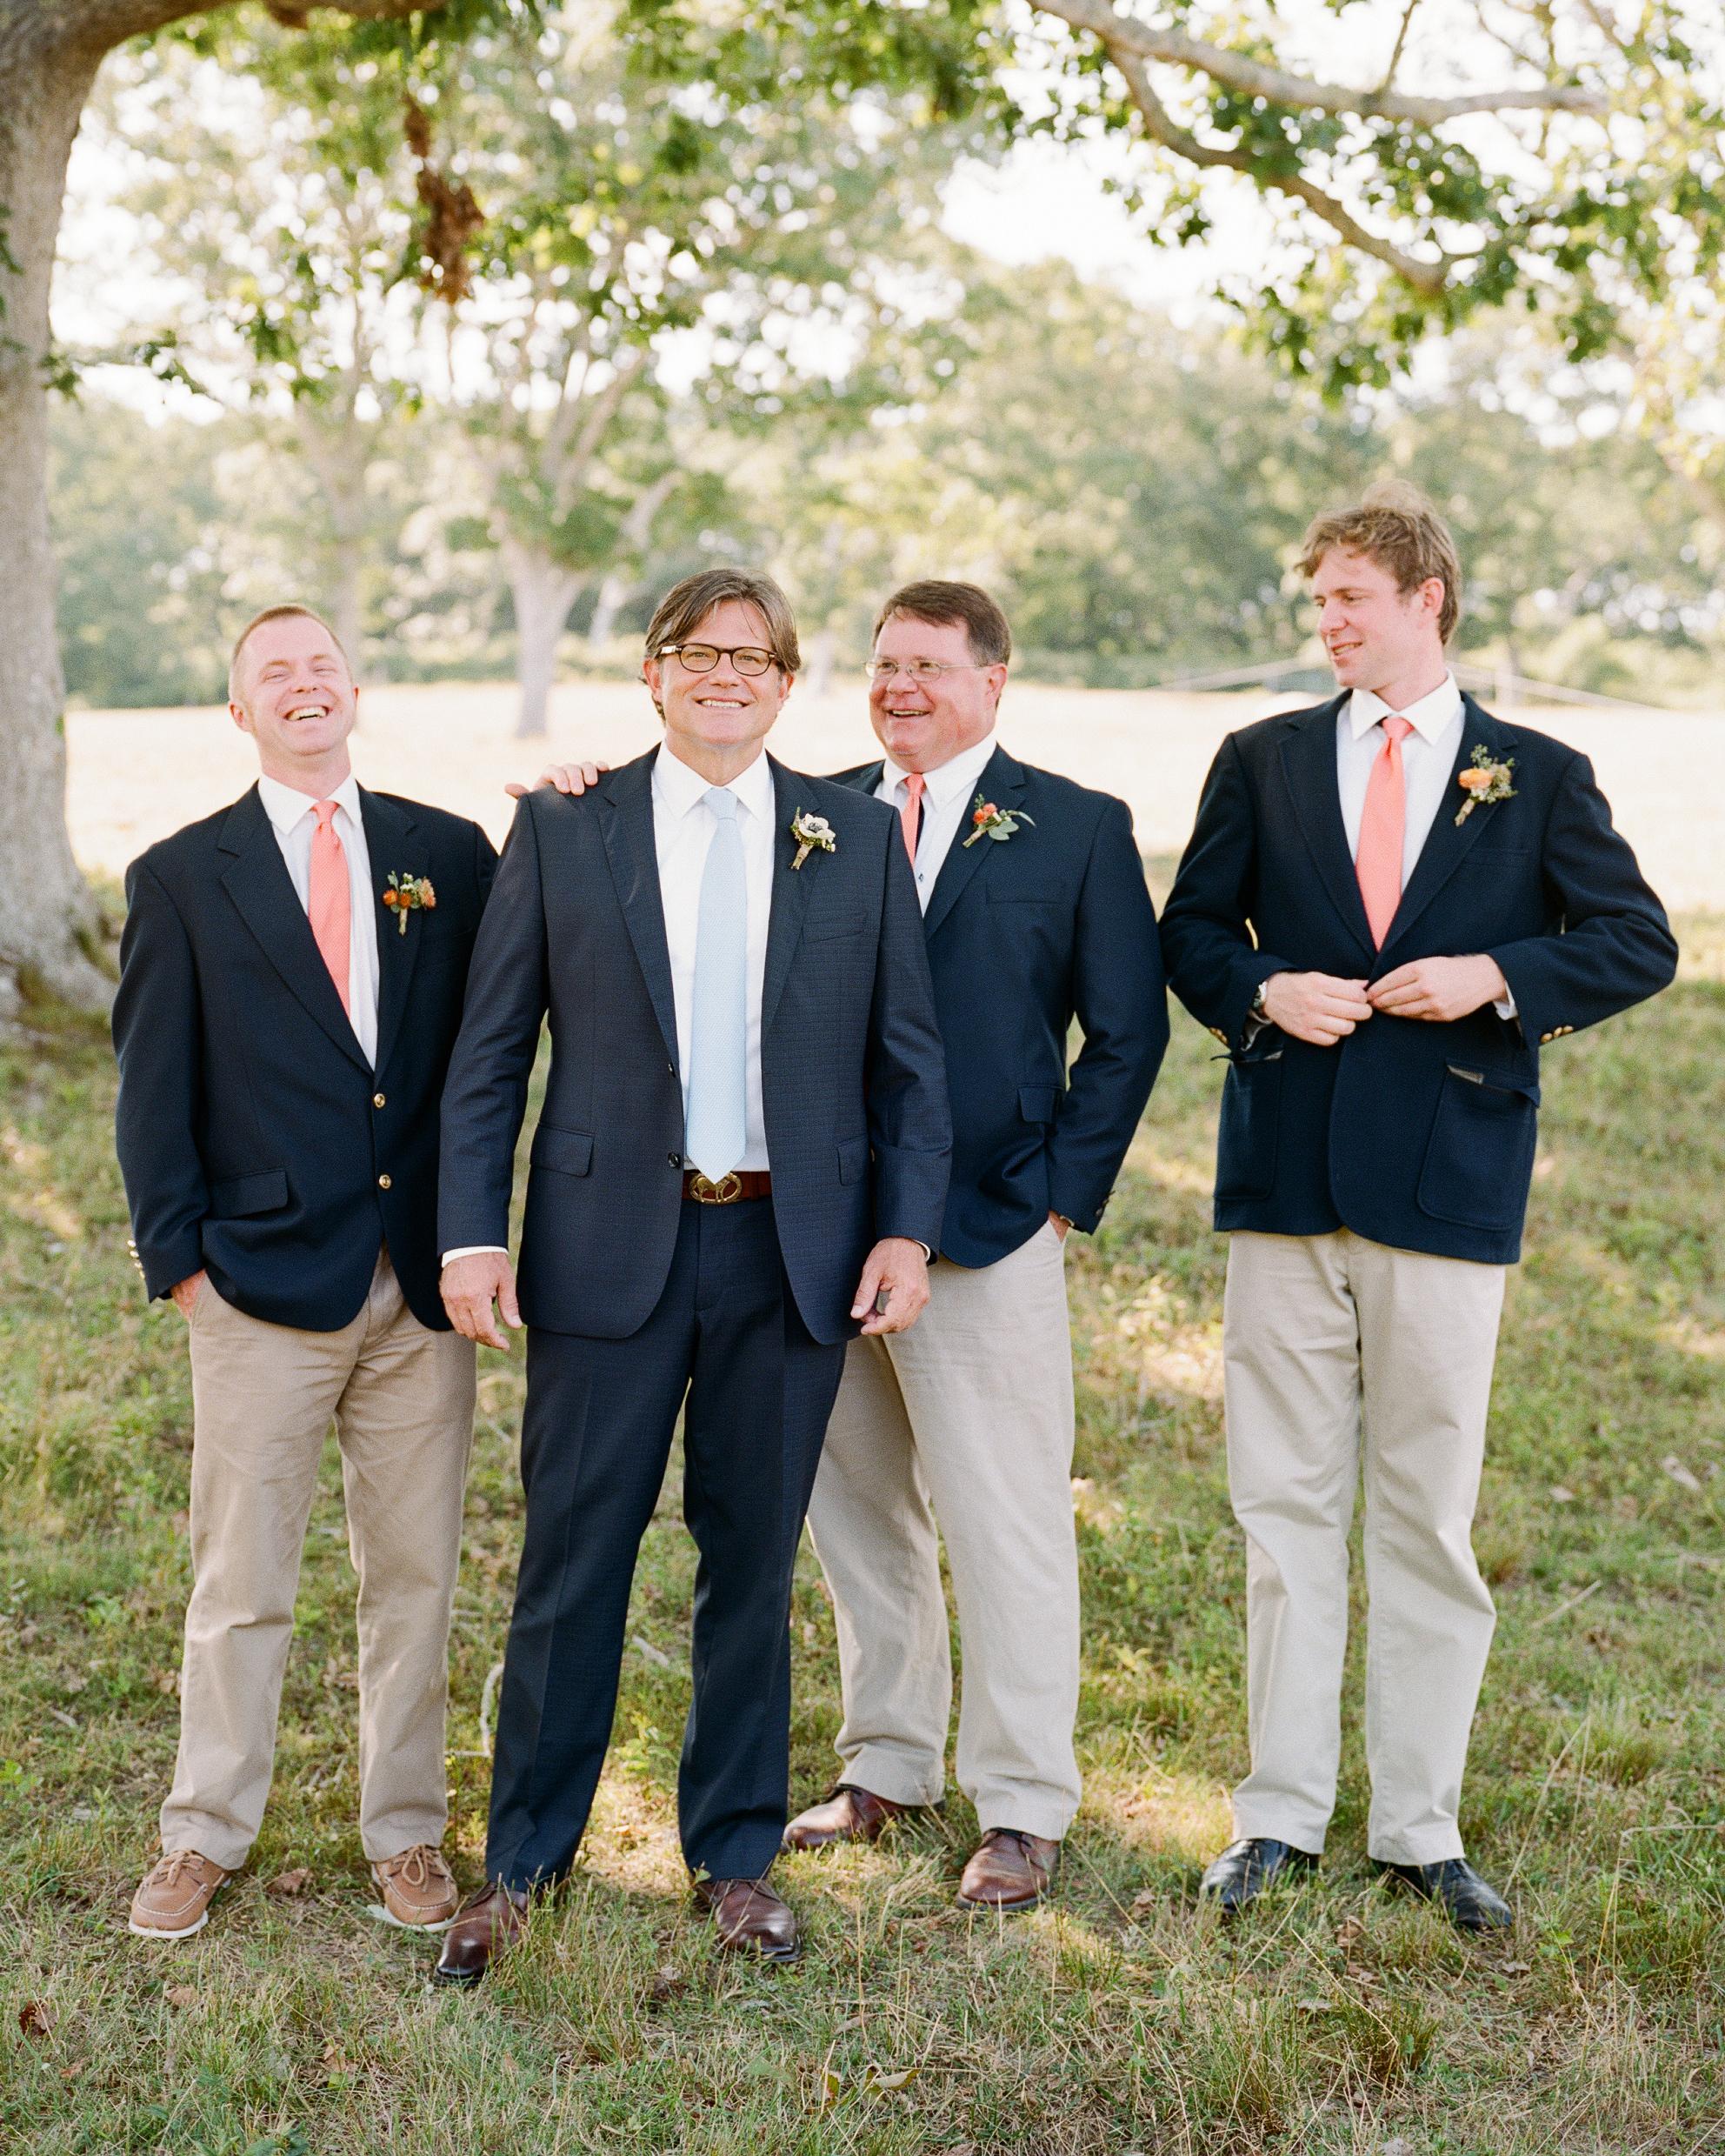 jocelyn-graham-wedding-groomsmen-0634-s111847-0315.jpg